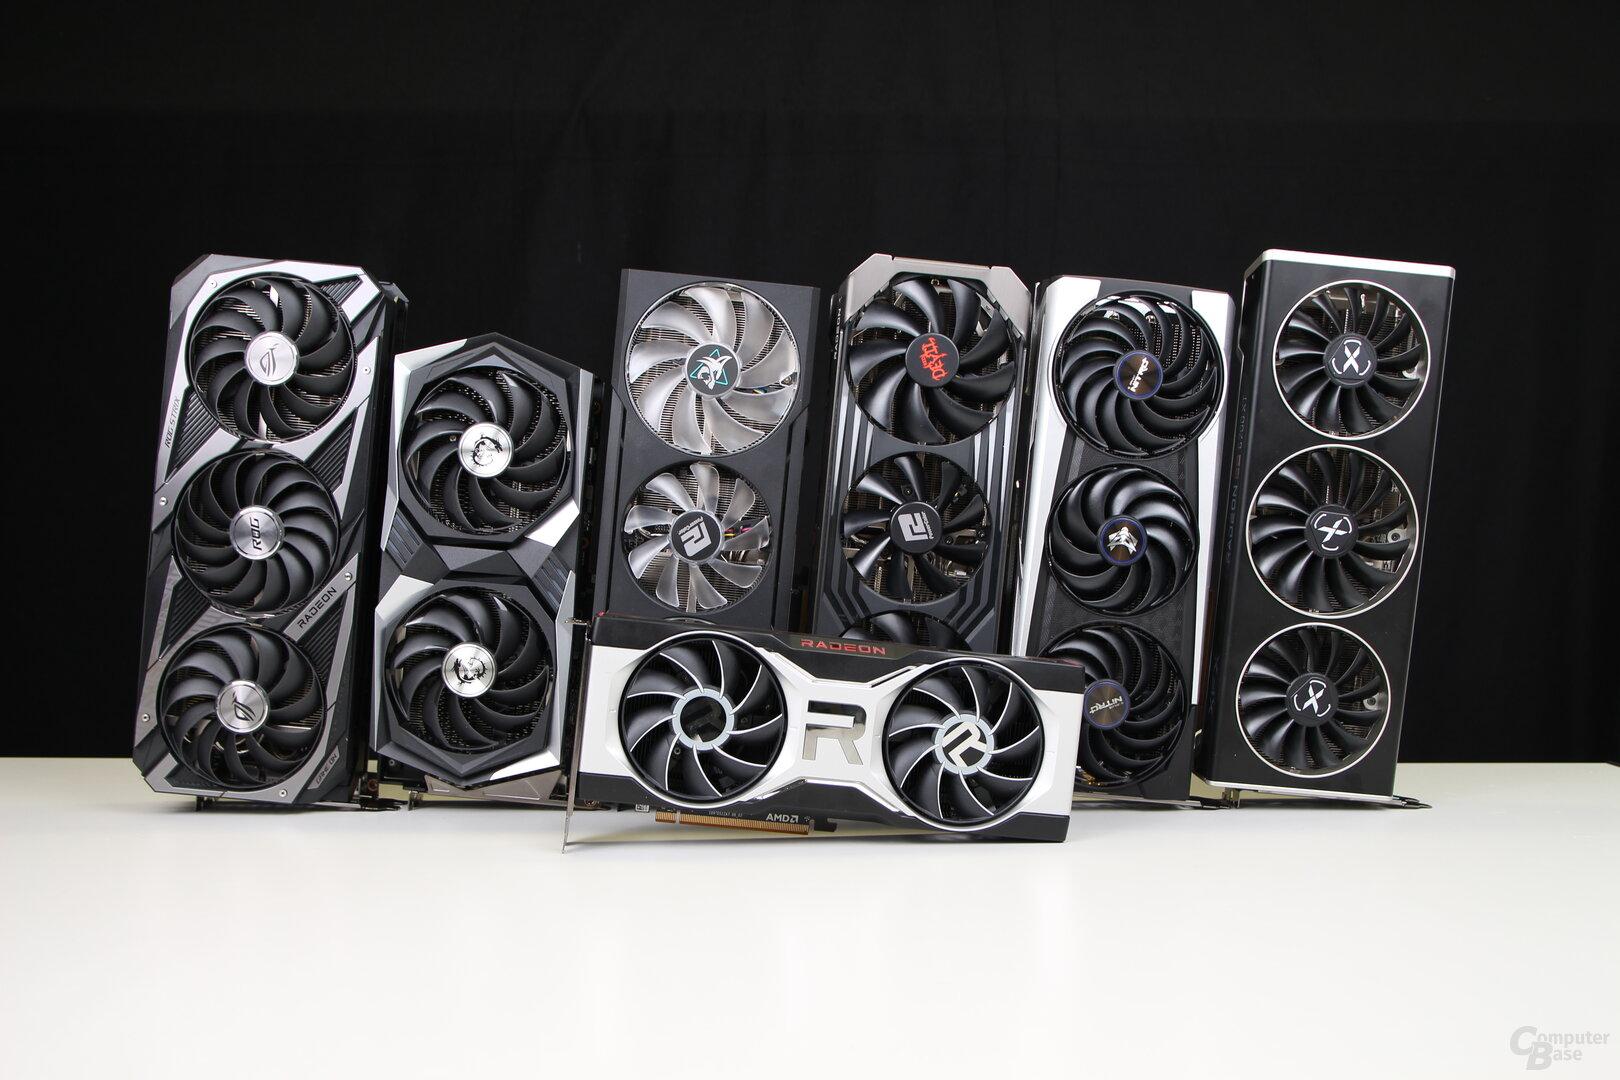 6 Custom-Modelle der Radeon RX 6700 XT in der Redaktion